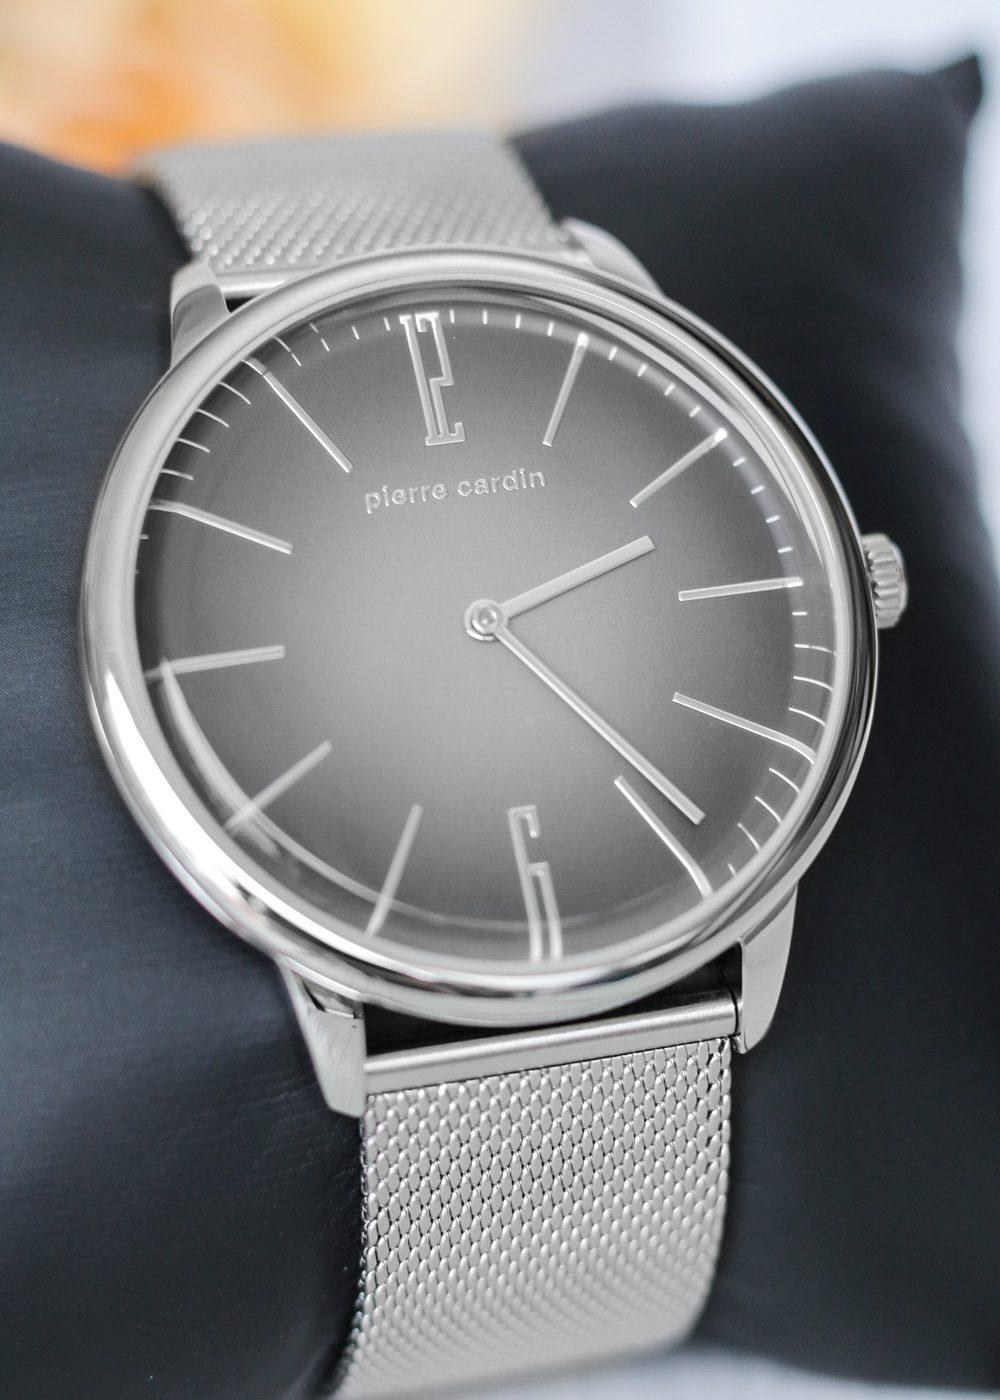 pierre-cardin-armbanduhr-unisex-mesh-silber-schwarzes-zifferblatt-4-von-11